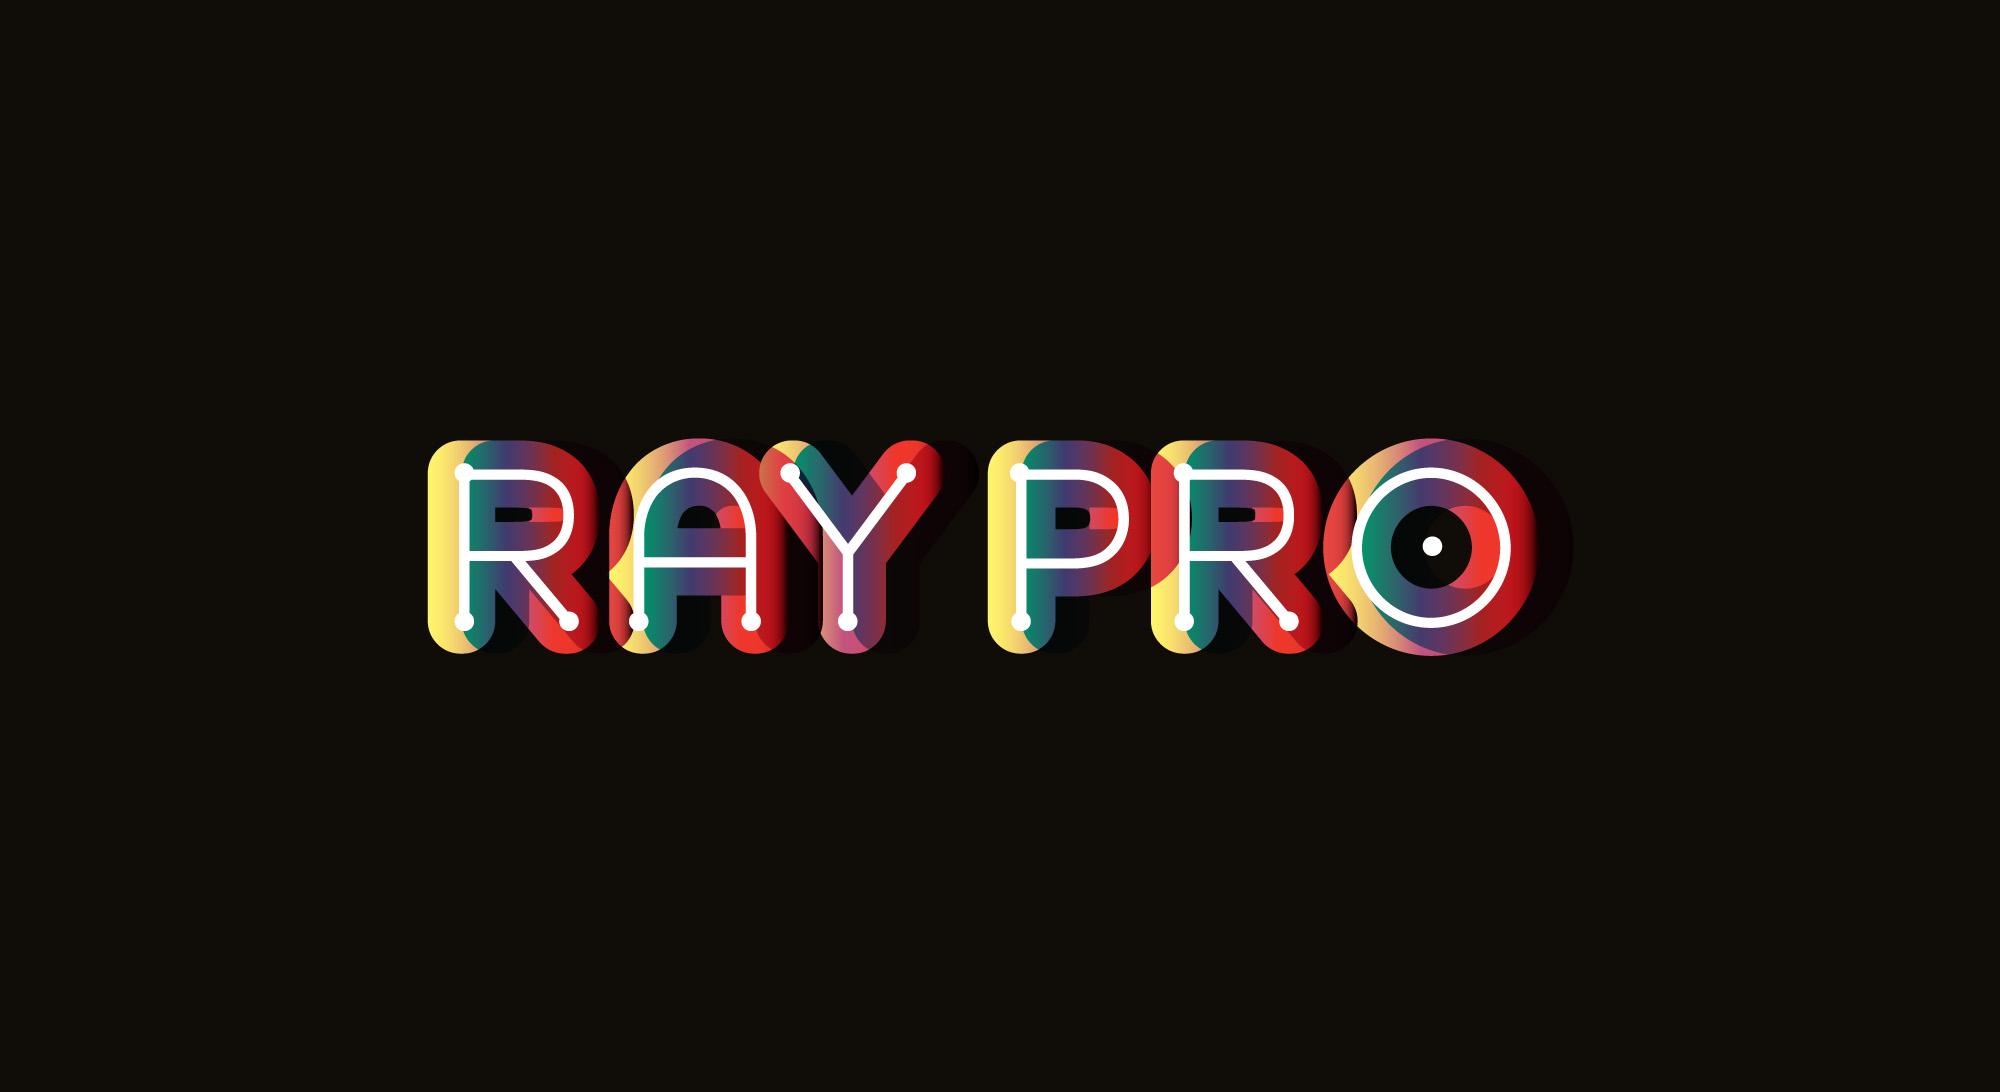 Разработка логотипа (продукт - светодиодная лента) фото f_9645bc0d4569ef76.jpg